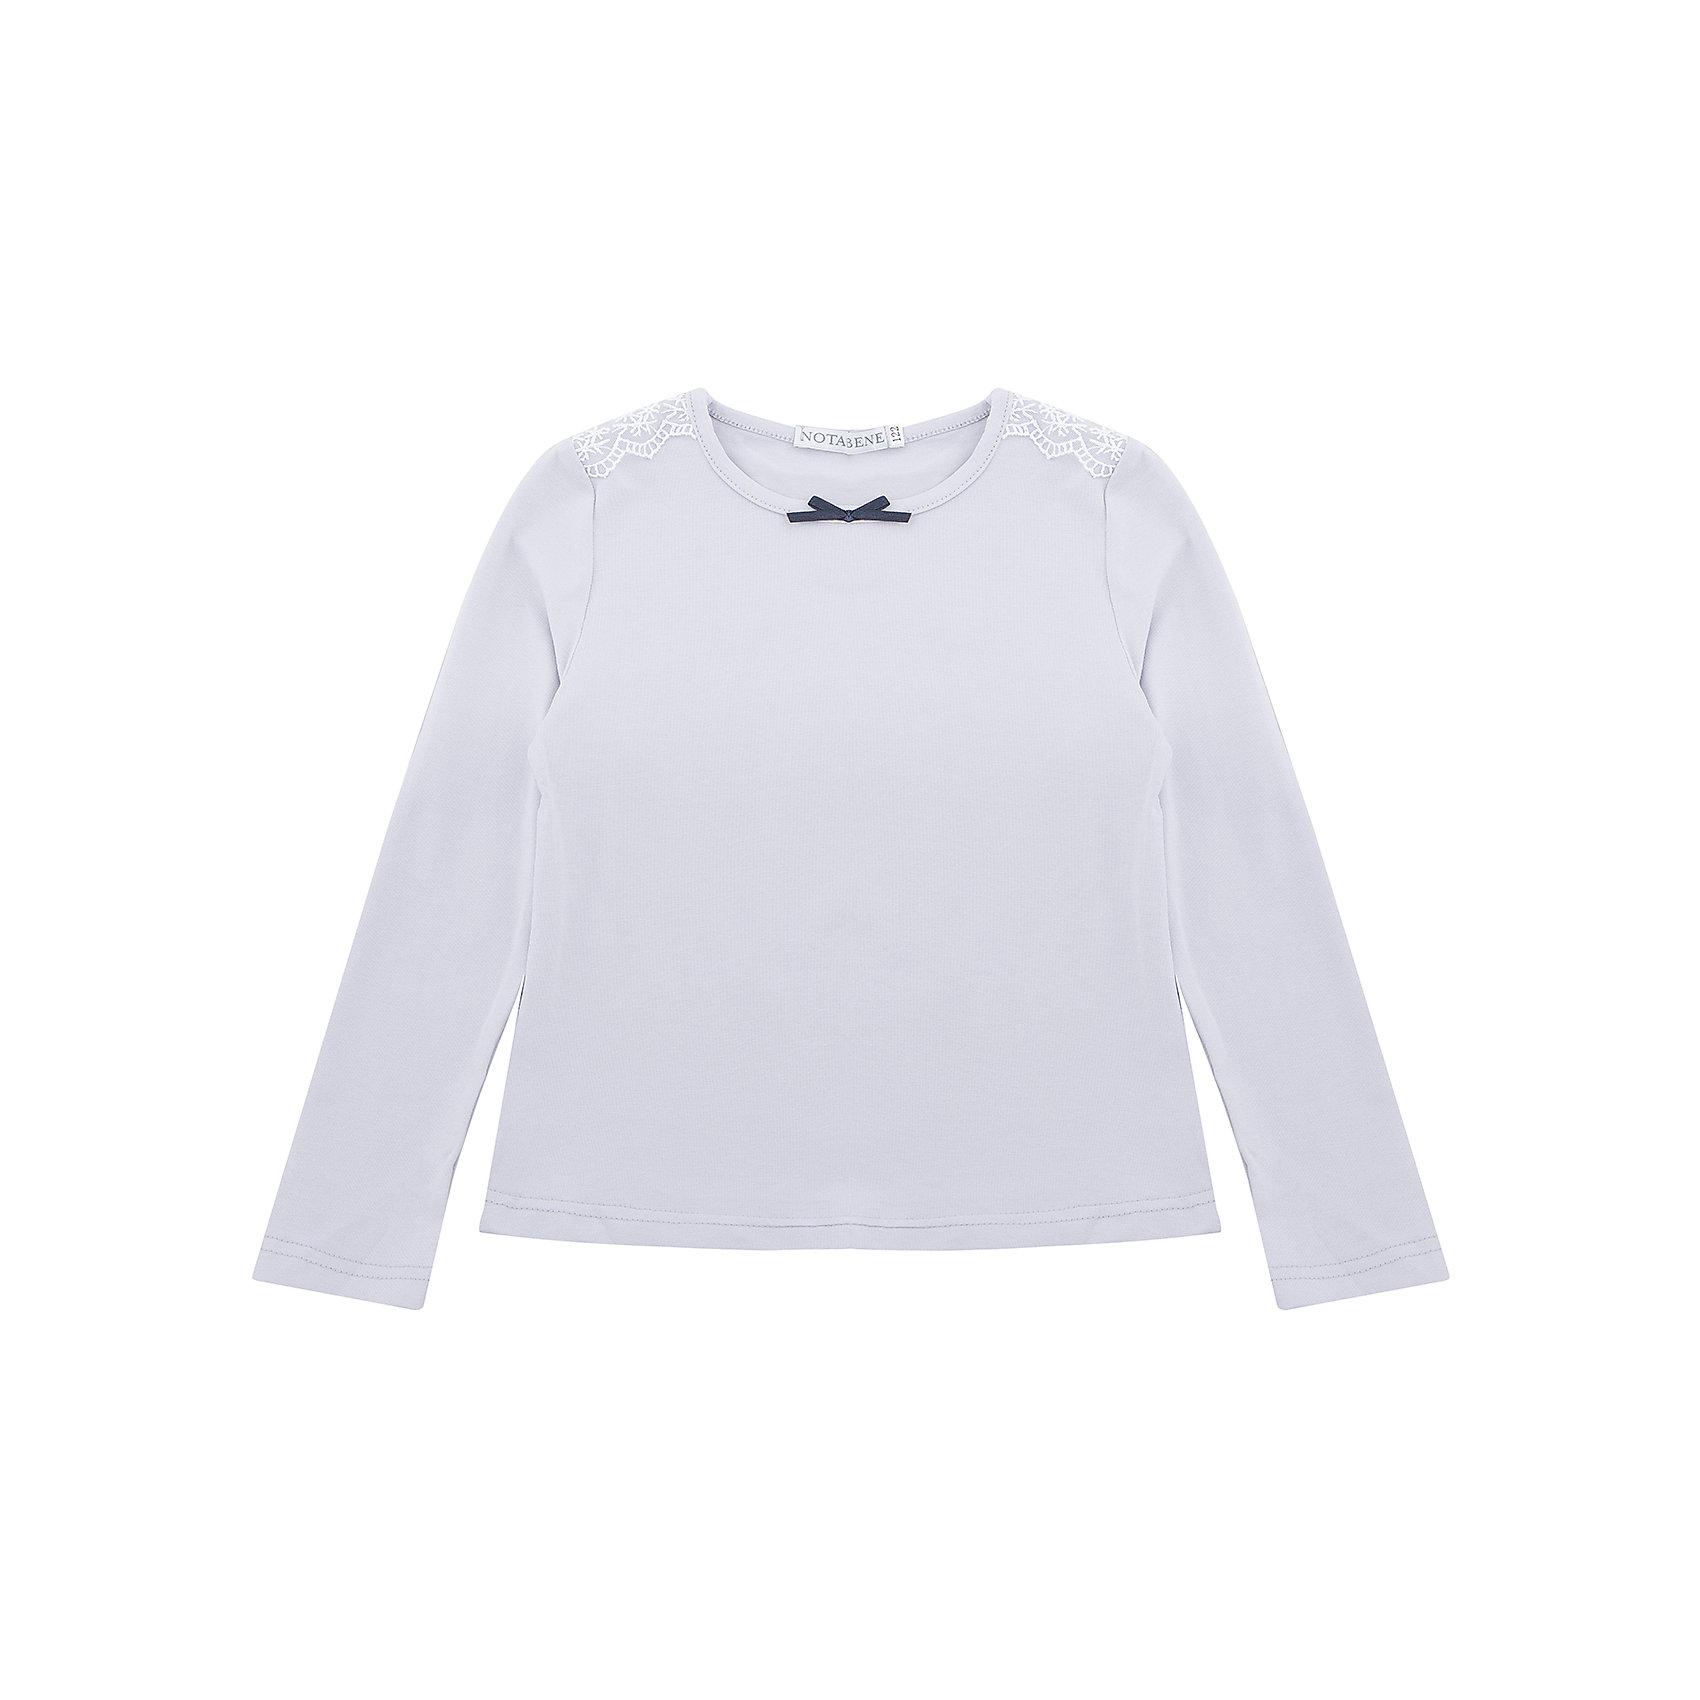 Блузка Nota Bene для девочкиБлузки и рубашки<br>Блузка с  длинными рукавами с кружевной отделкой<br>Соответствует размеру<br>Рекомендована предварительная стирка<br>Состав:<br>92% хлопок; 8% лайкра<br><br>Ширина мм: 186<br>Глубина мм: 87<br>Высота мм: 198<br>Вес г: 197<br>Цвет: серый<br>Возраст от месяцев: 72<br>Возраст до месяцев: 84<br>Пол: Женский<br>Возраст: Детский<br>Размер: 122,158,164,128,134,140,146,152<br>SKU: 7012299